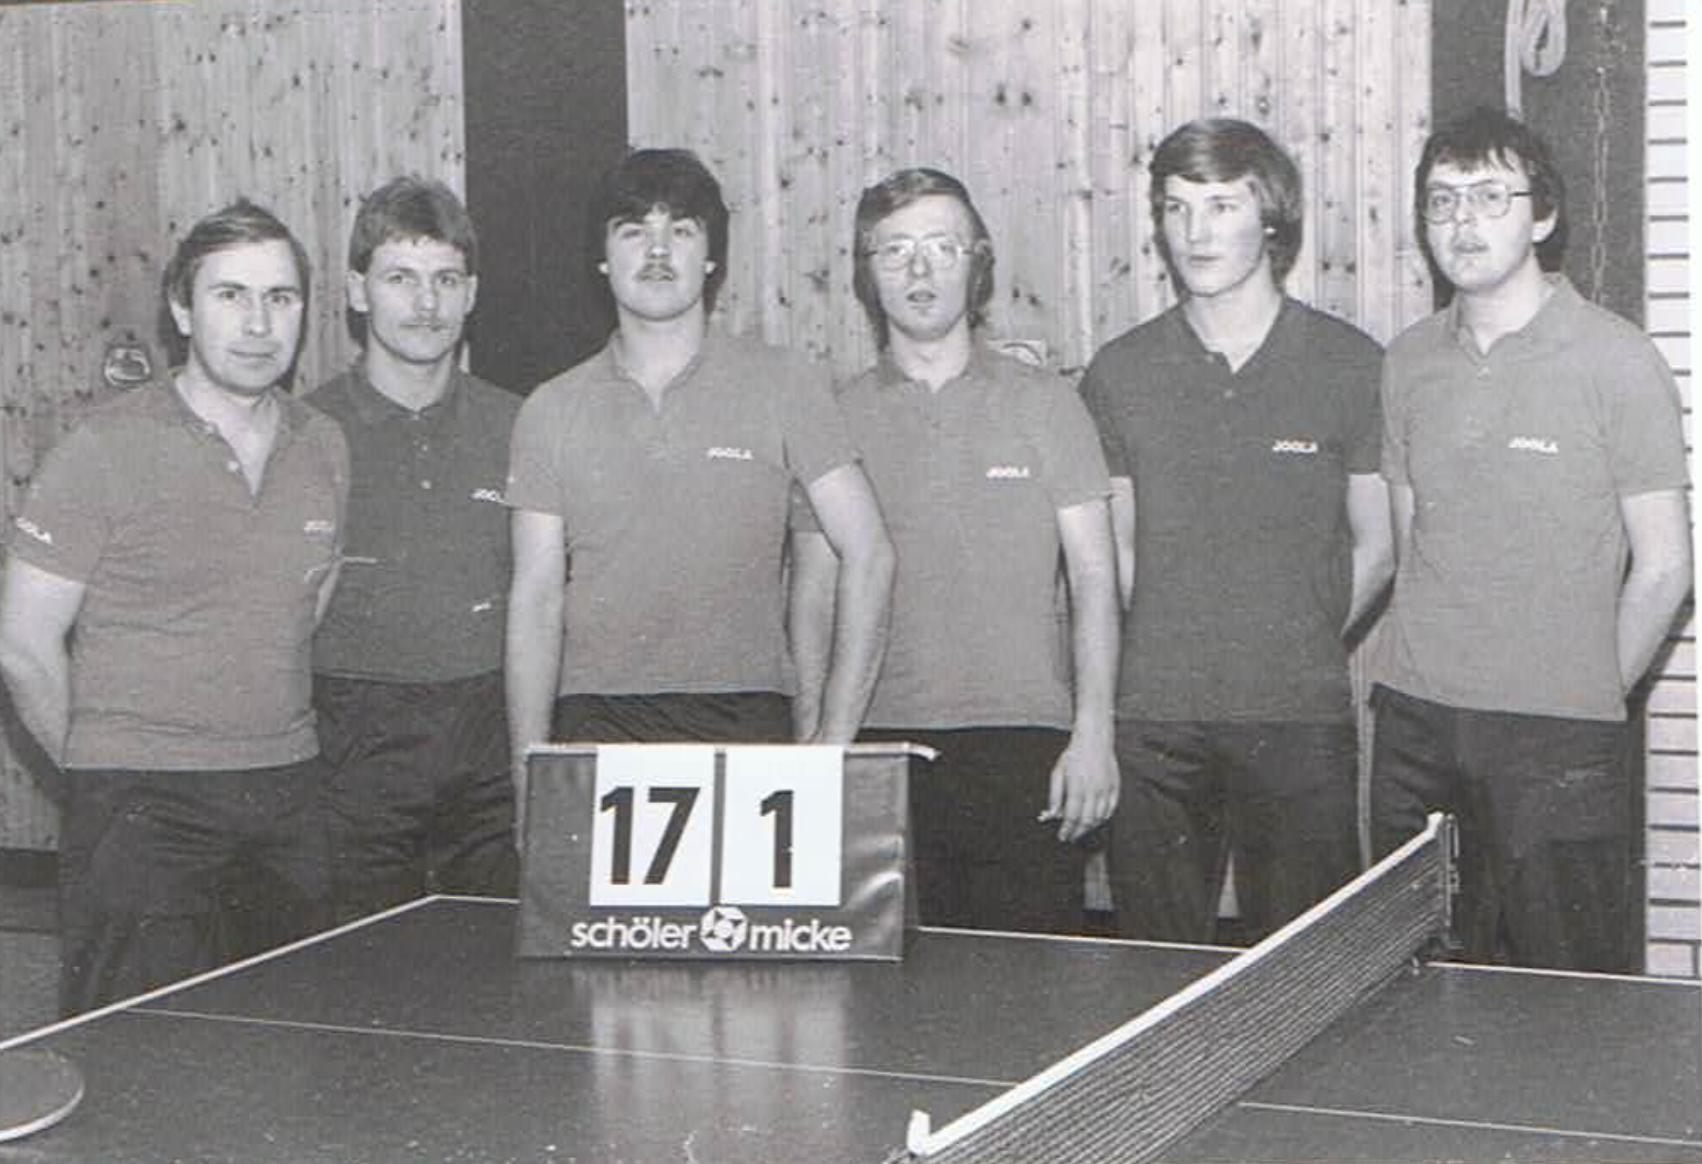 v.l. Harald Schrader, Udo Erm, Thomas Schnorfeil, Arno Scholz, Klaus Hoferichter, Hubert Schnorfeil